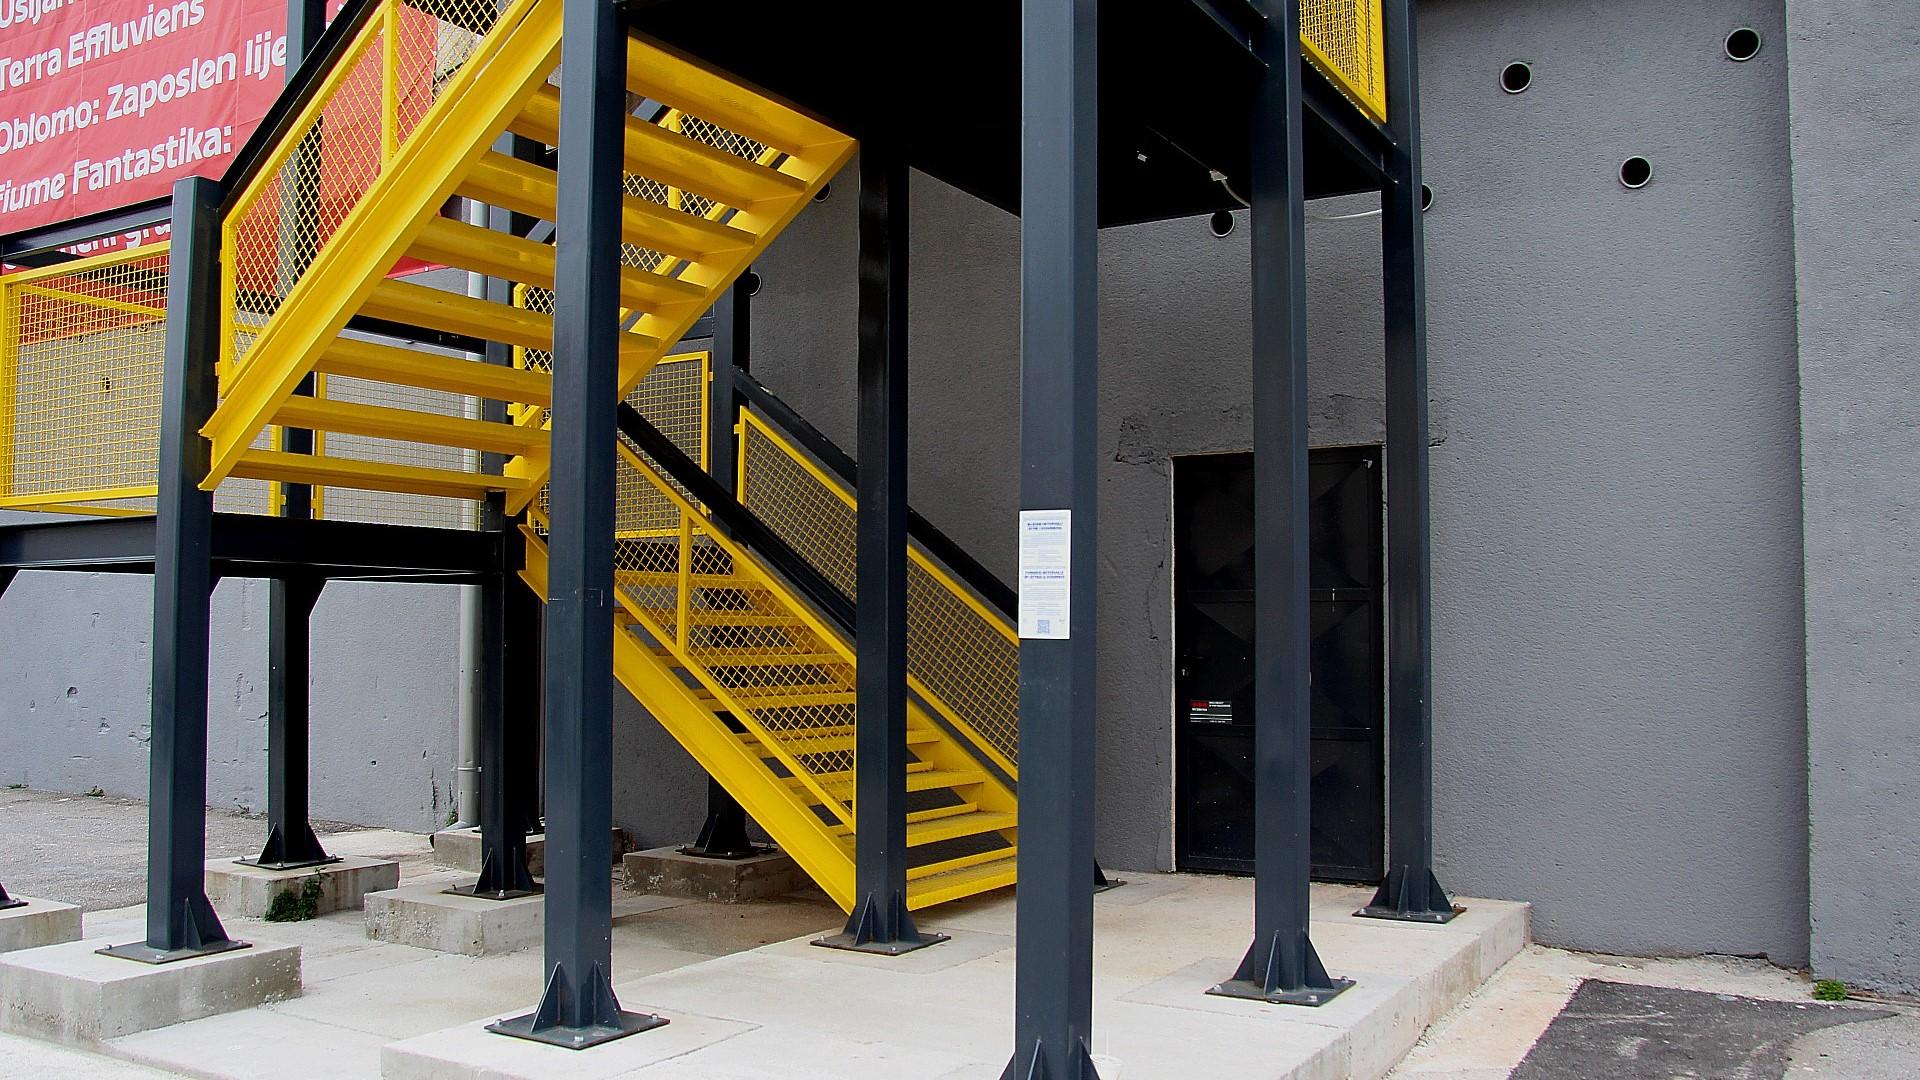 """Interaktivna zvučna instalacija """"RI-miks identiteta – Bijesni intervali Istre i Kvarnera"""" postavljena na stepenicama Exporta"""